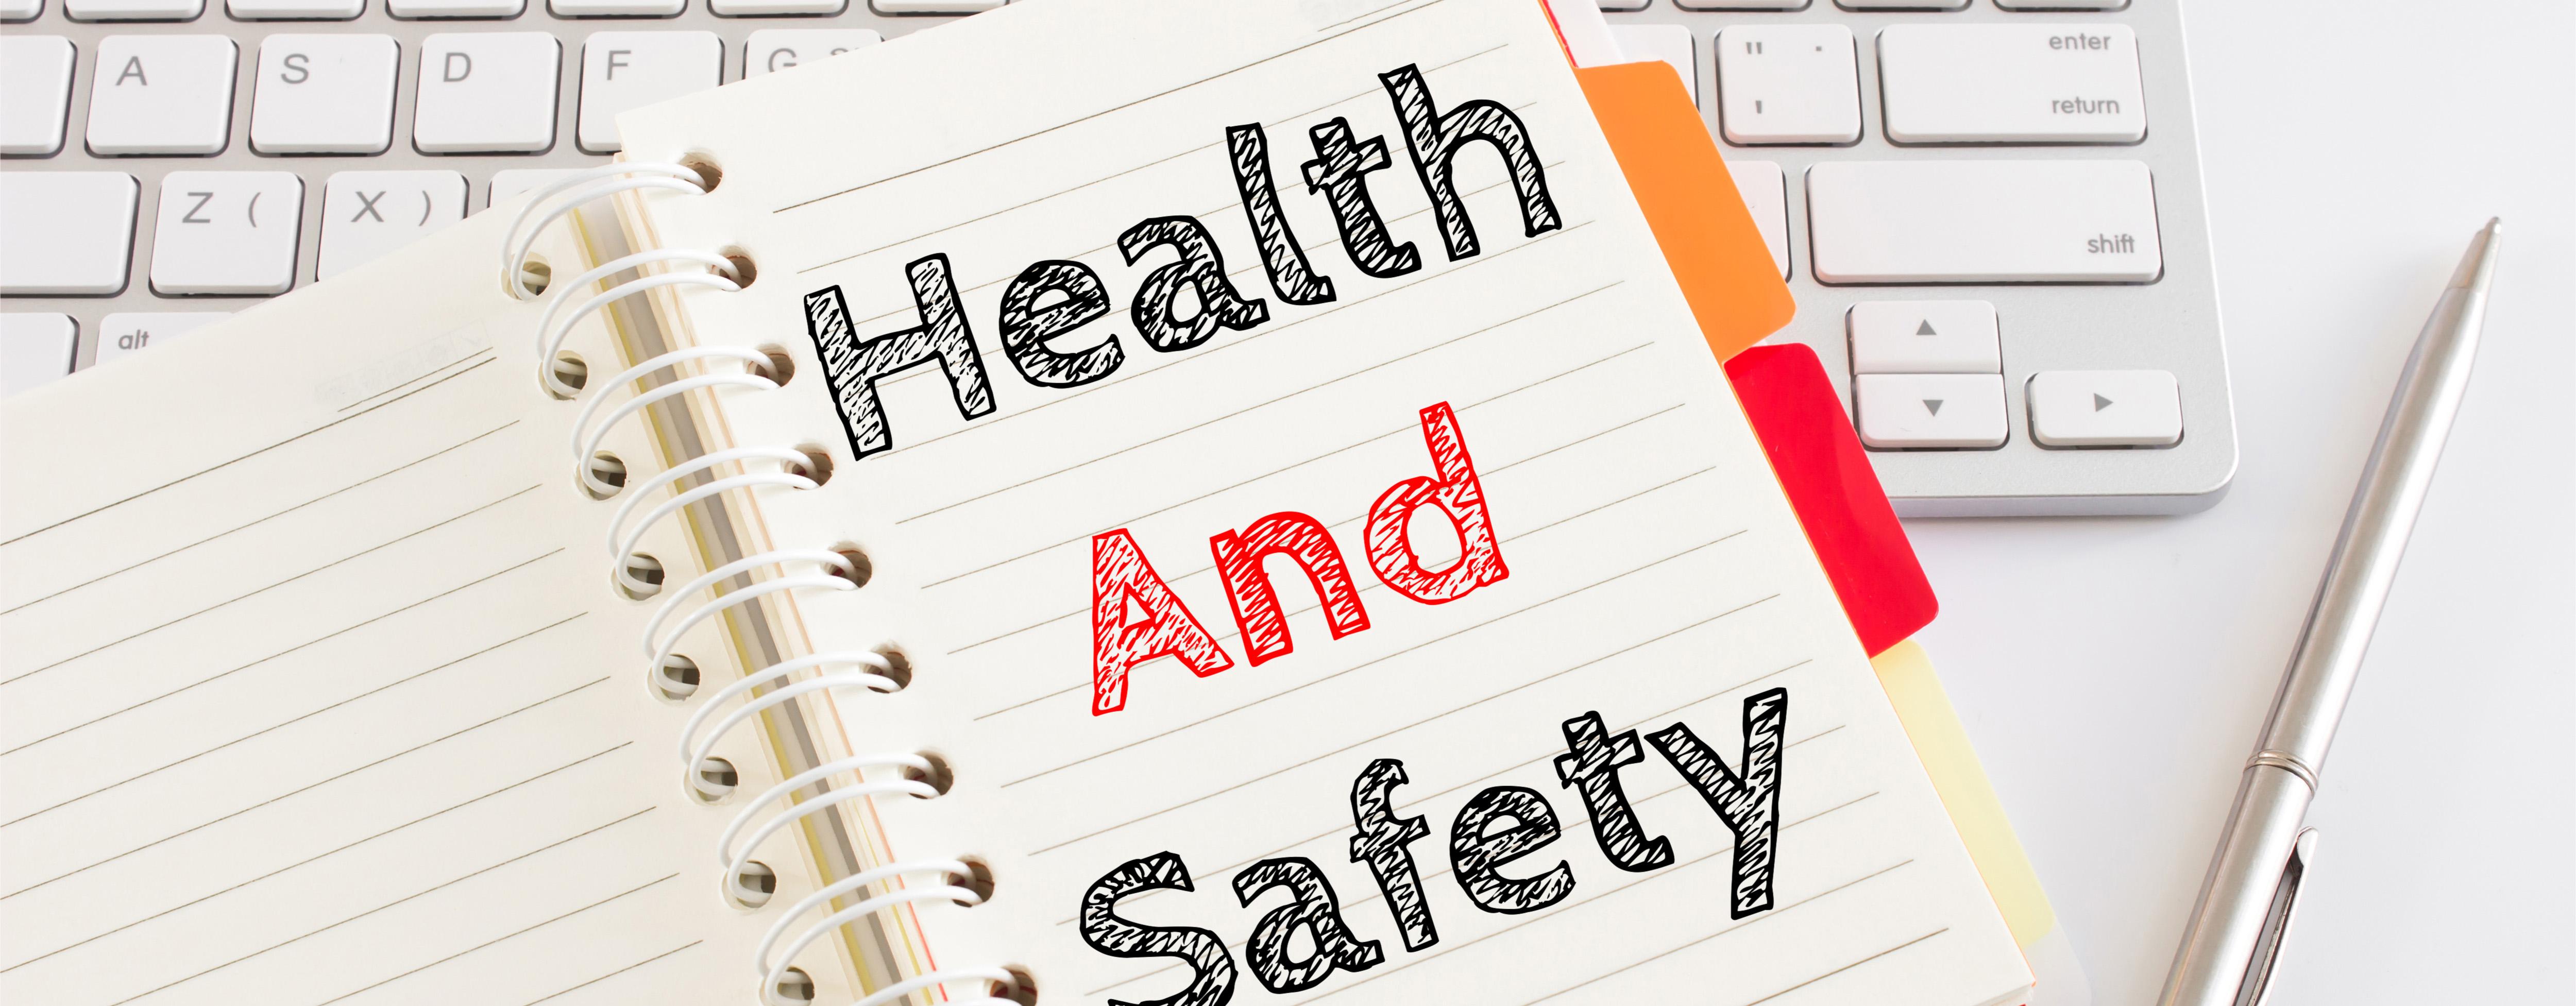 Health & Safety1280x 500jpg